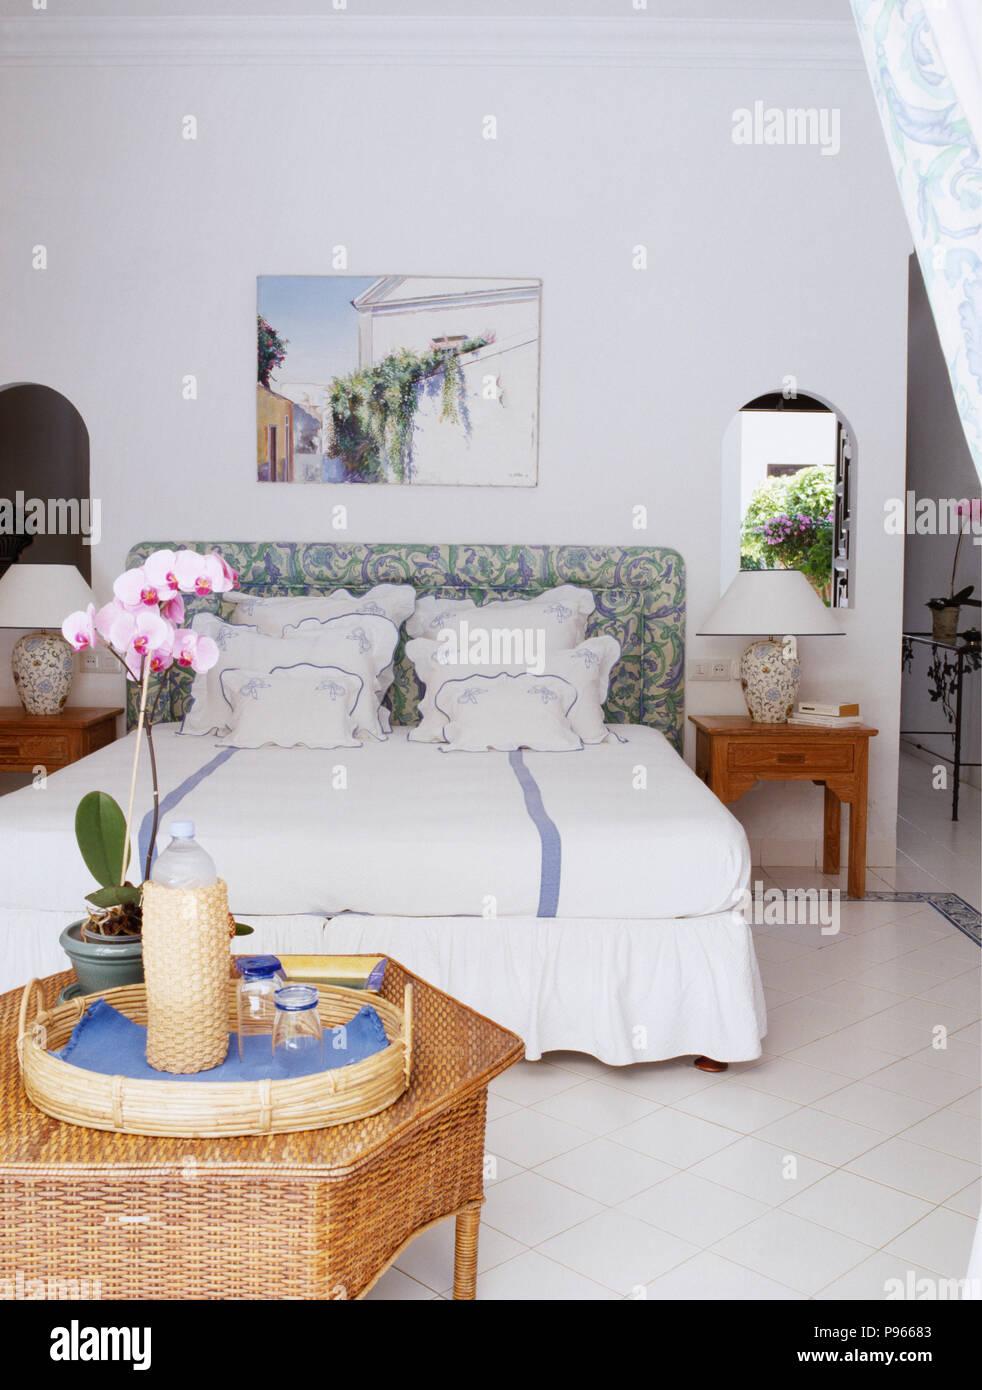 Rosa Orchidee Auf Rattan Tisch Mit Pink Orchid In Weiss Schlafzimmer